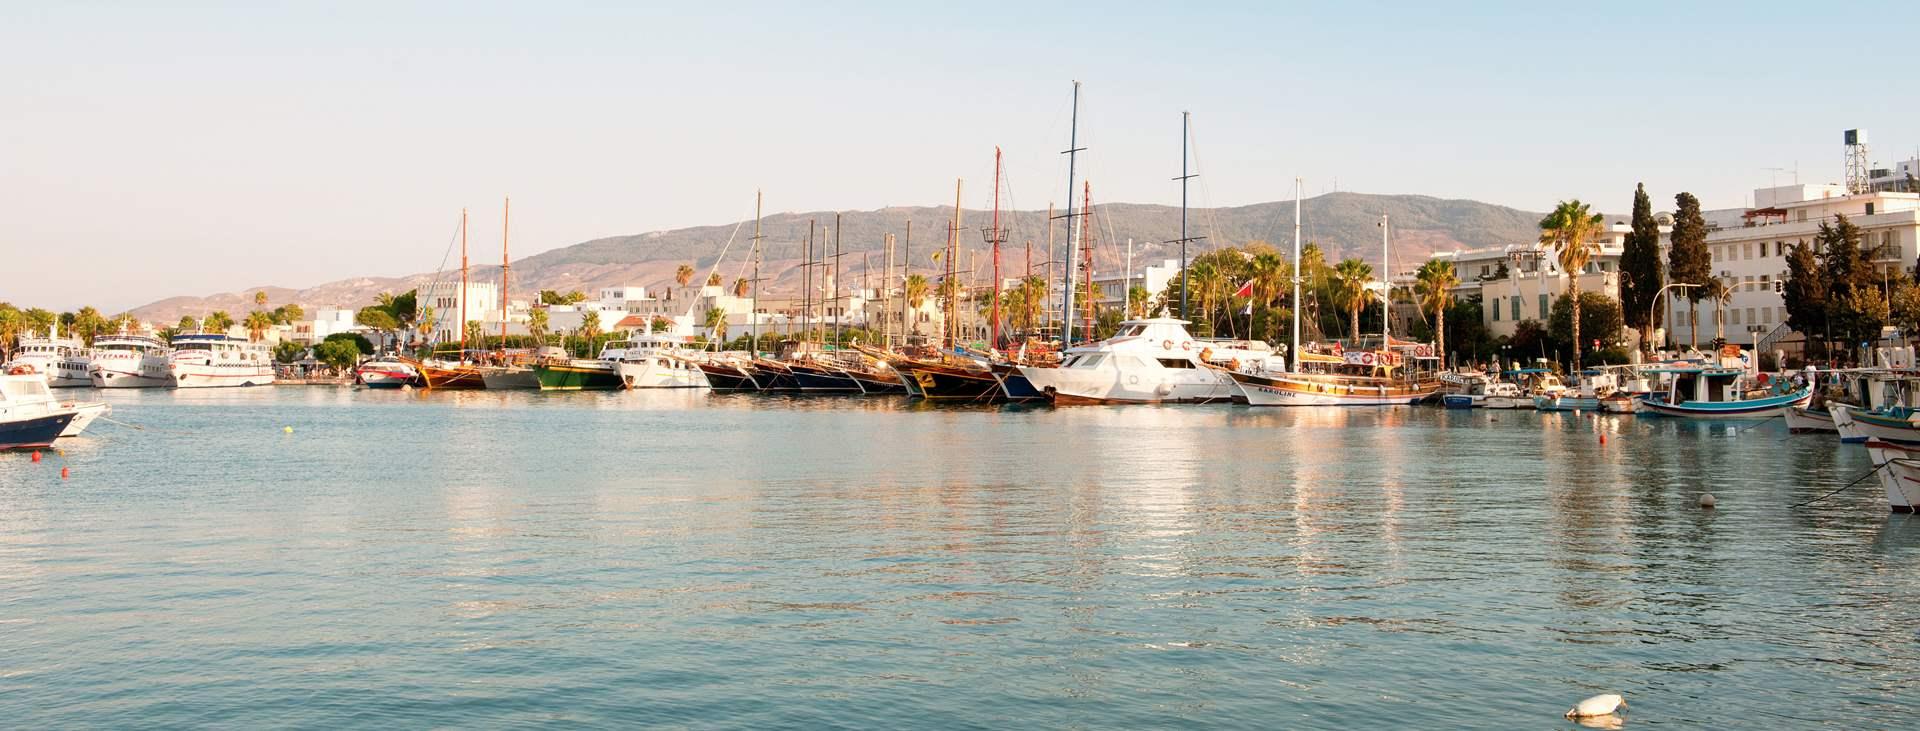 Bestill en reise med Ving til Kos by på den greske øya Kos